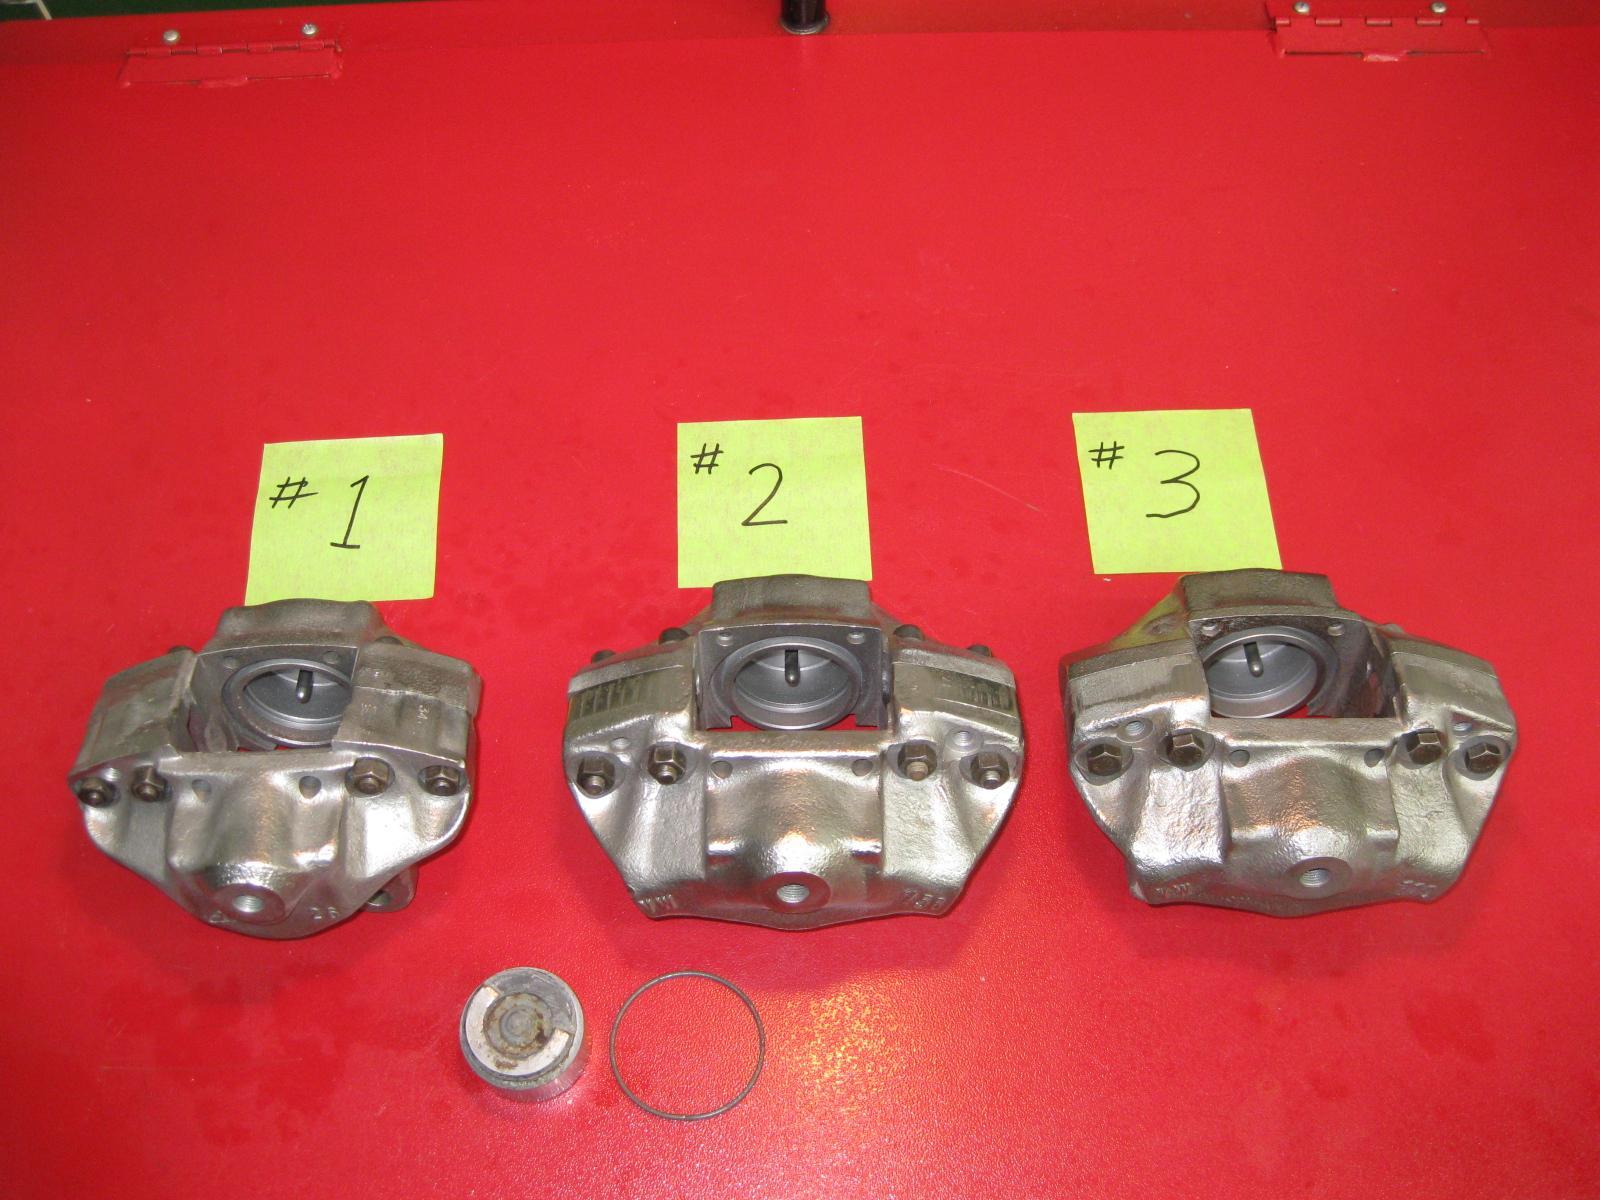 Type 3 Caliper-Late Model-Hex Head Bolts vs Socket Cap Screws